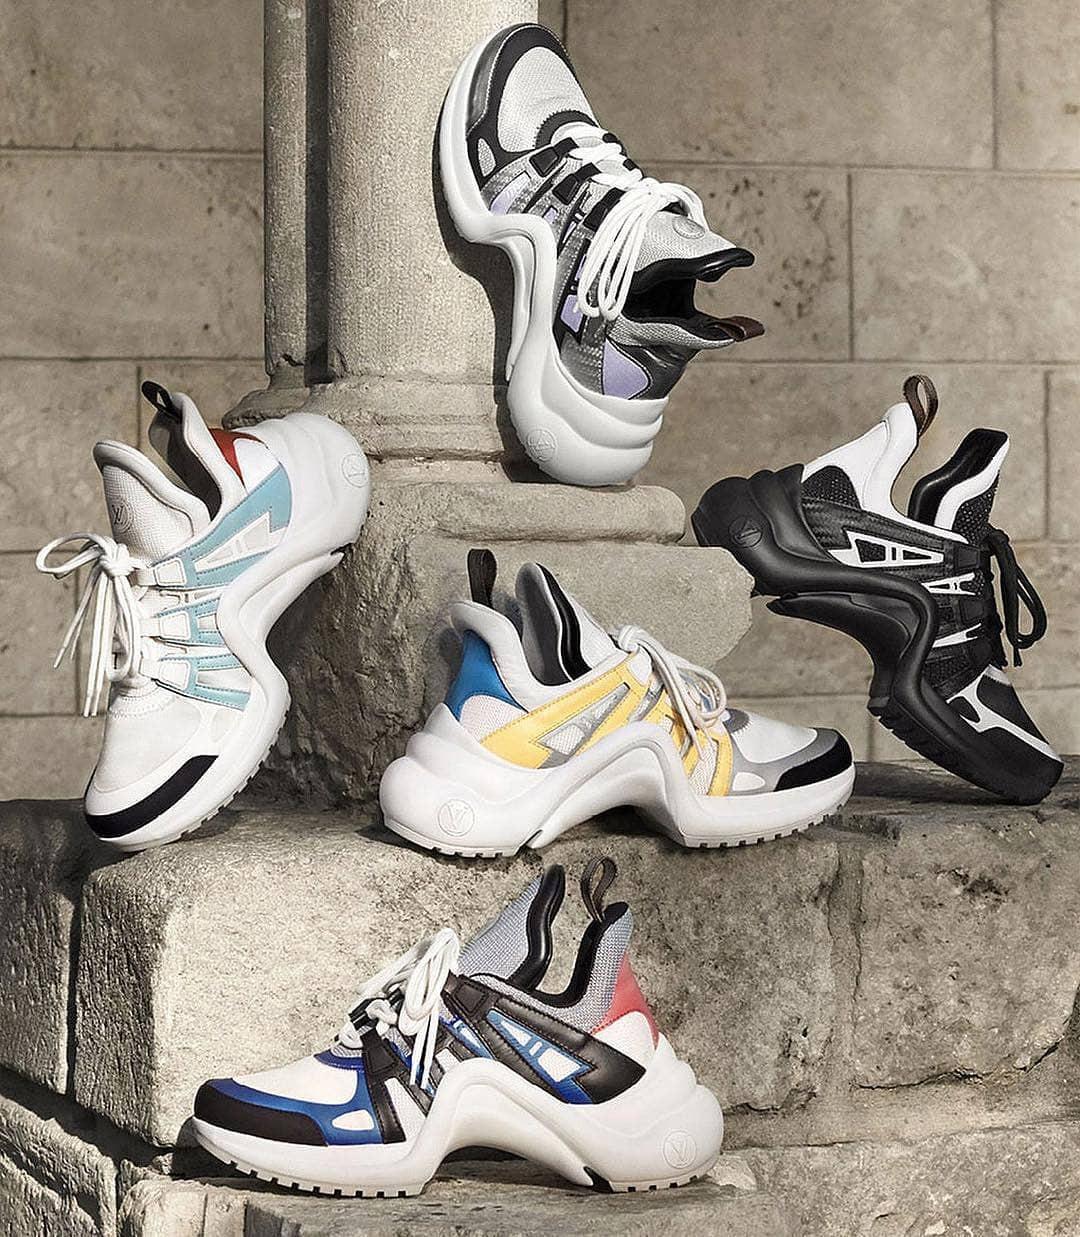 Sau Balenciaga Triple S, đây sẽ là đôi giày cồng kềnh tiếp theo được giới mộ điệu săn đón - Ảnh 1.